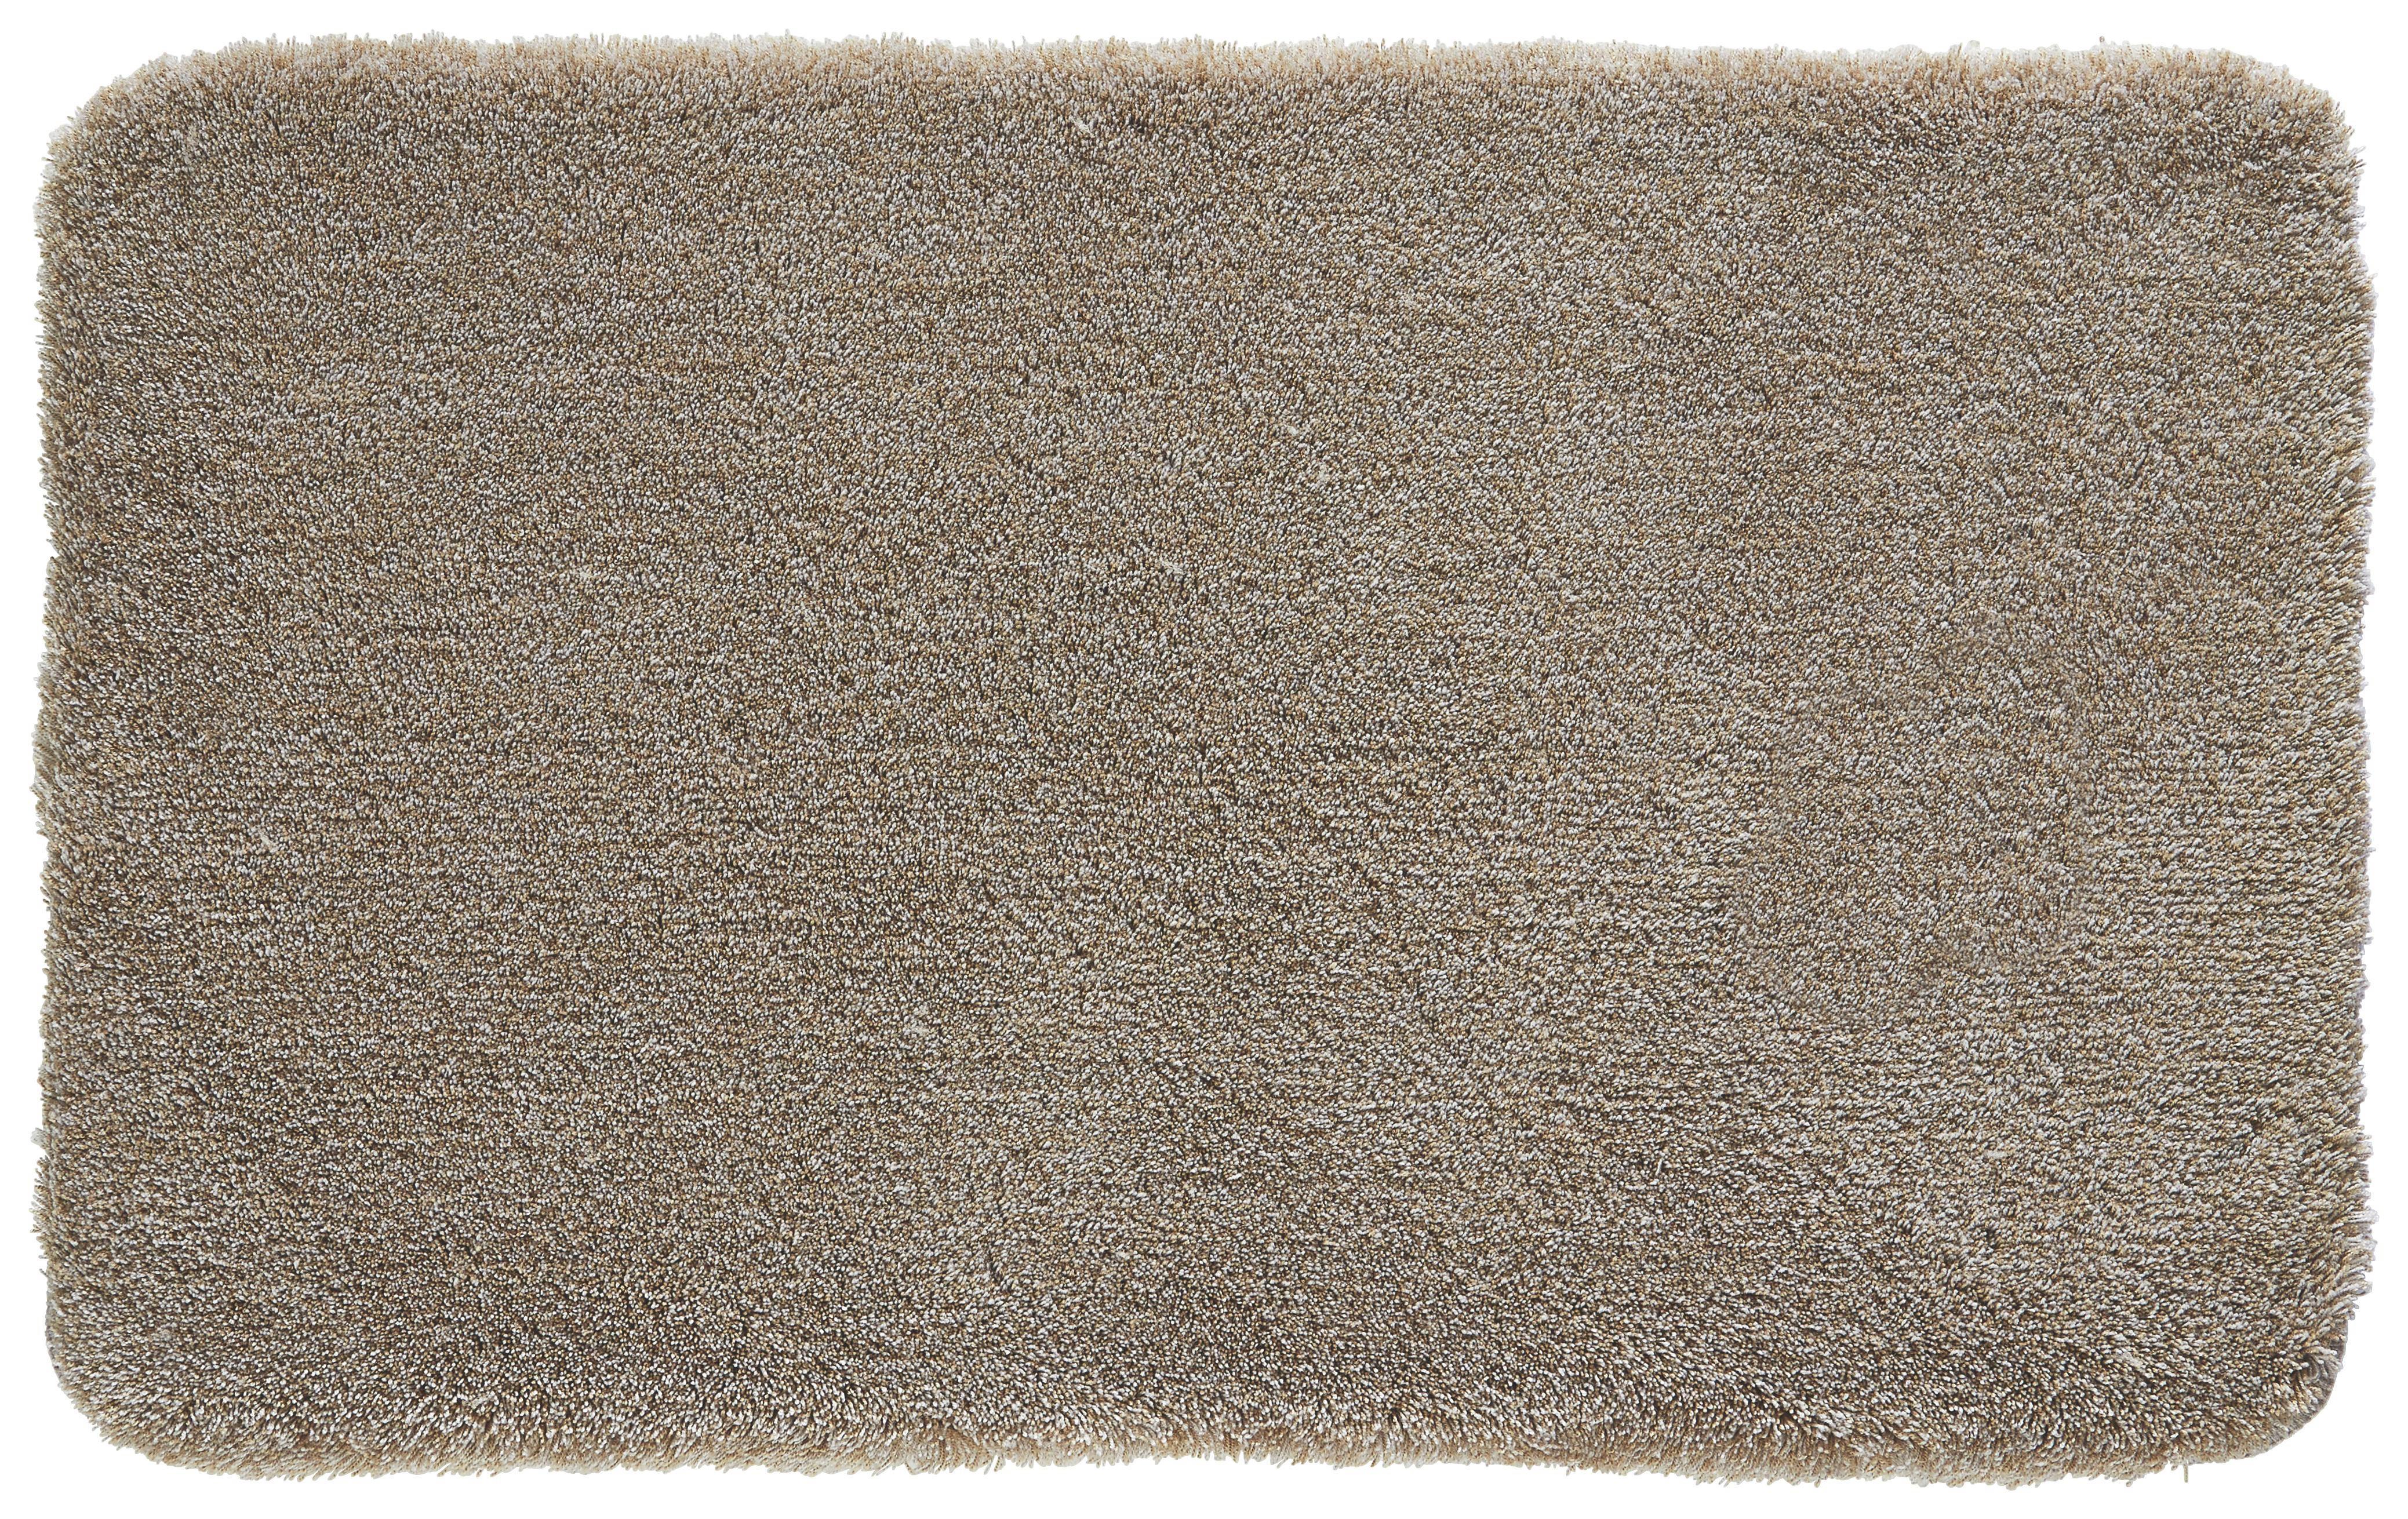 BADTEPPICH  Taupe  60/100 cm - Taupe, Kunststoff/Textil (60/100cm) - KLEINE WOLKE